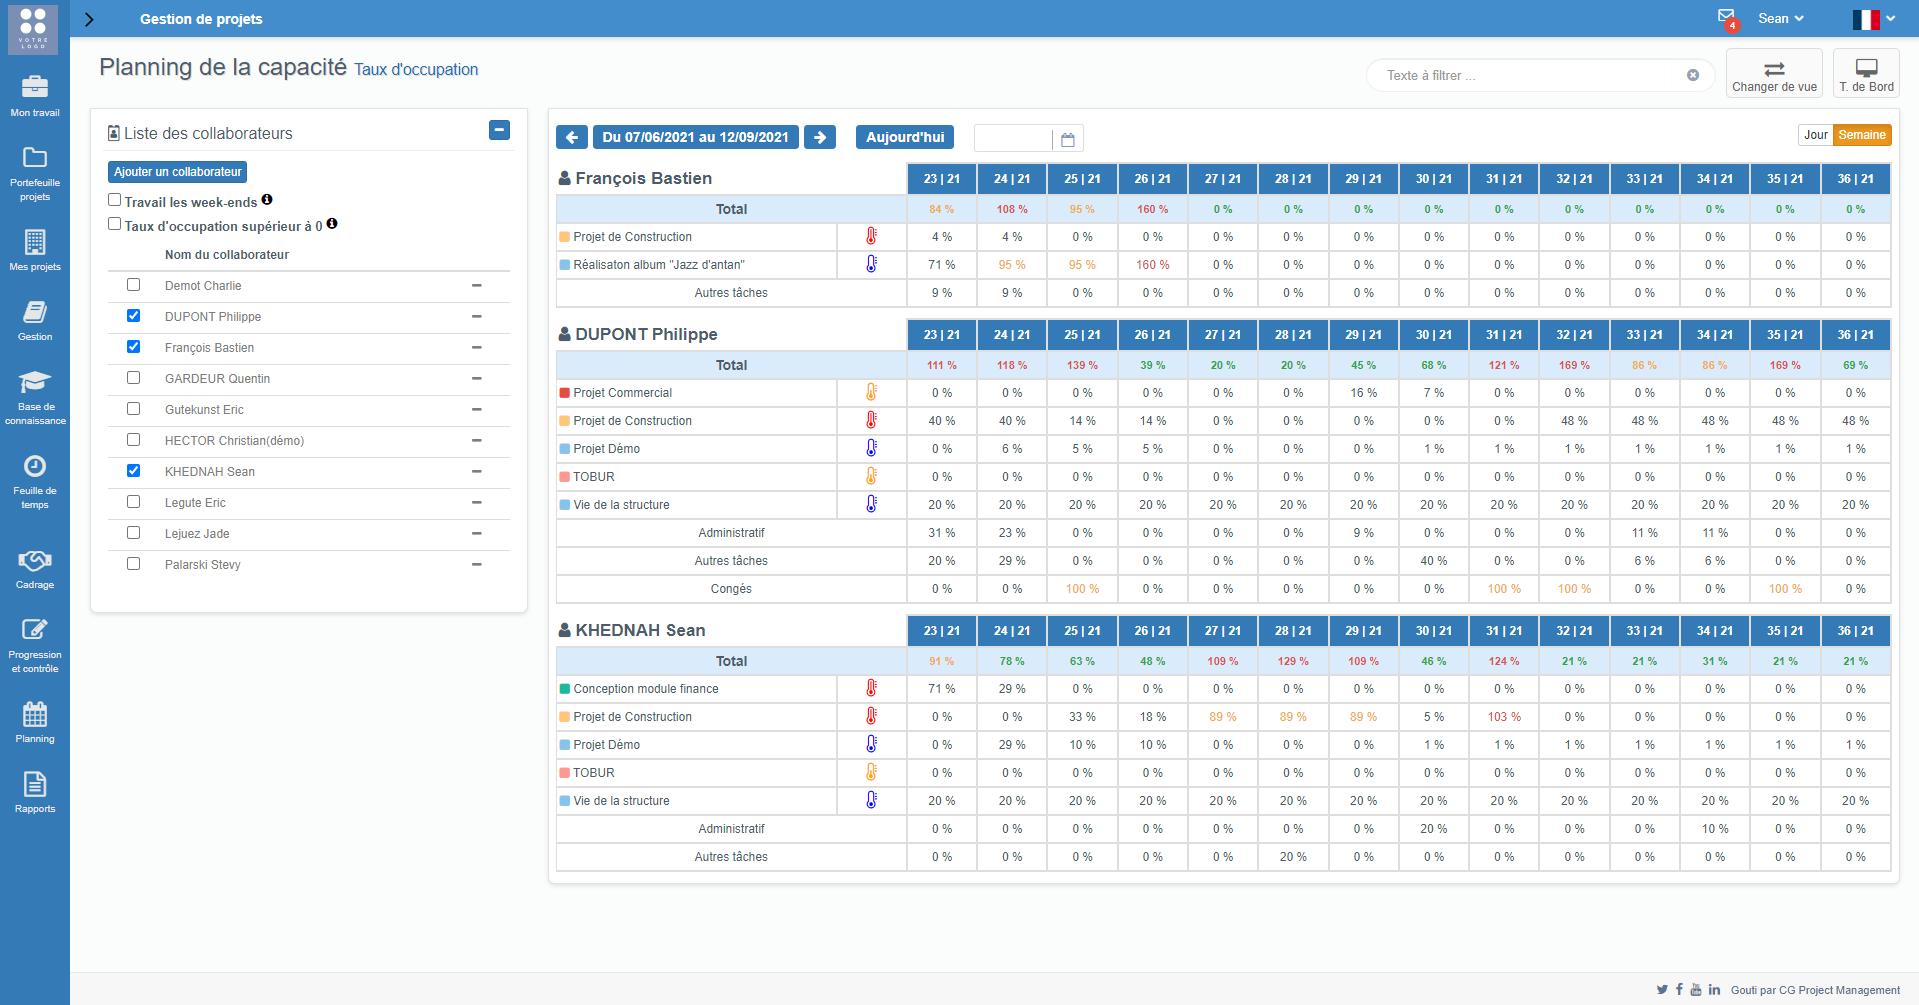 Le Planning de capacité permet de visualiser le taux d'occupation des ressources sur les projets. Il est possible d'accéder à un détail et d'une vue en pourcentage à une vue colorée simplifiée.